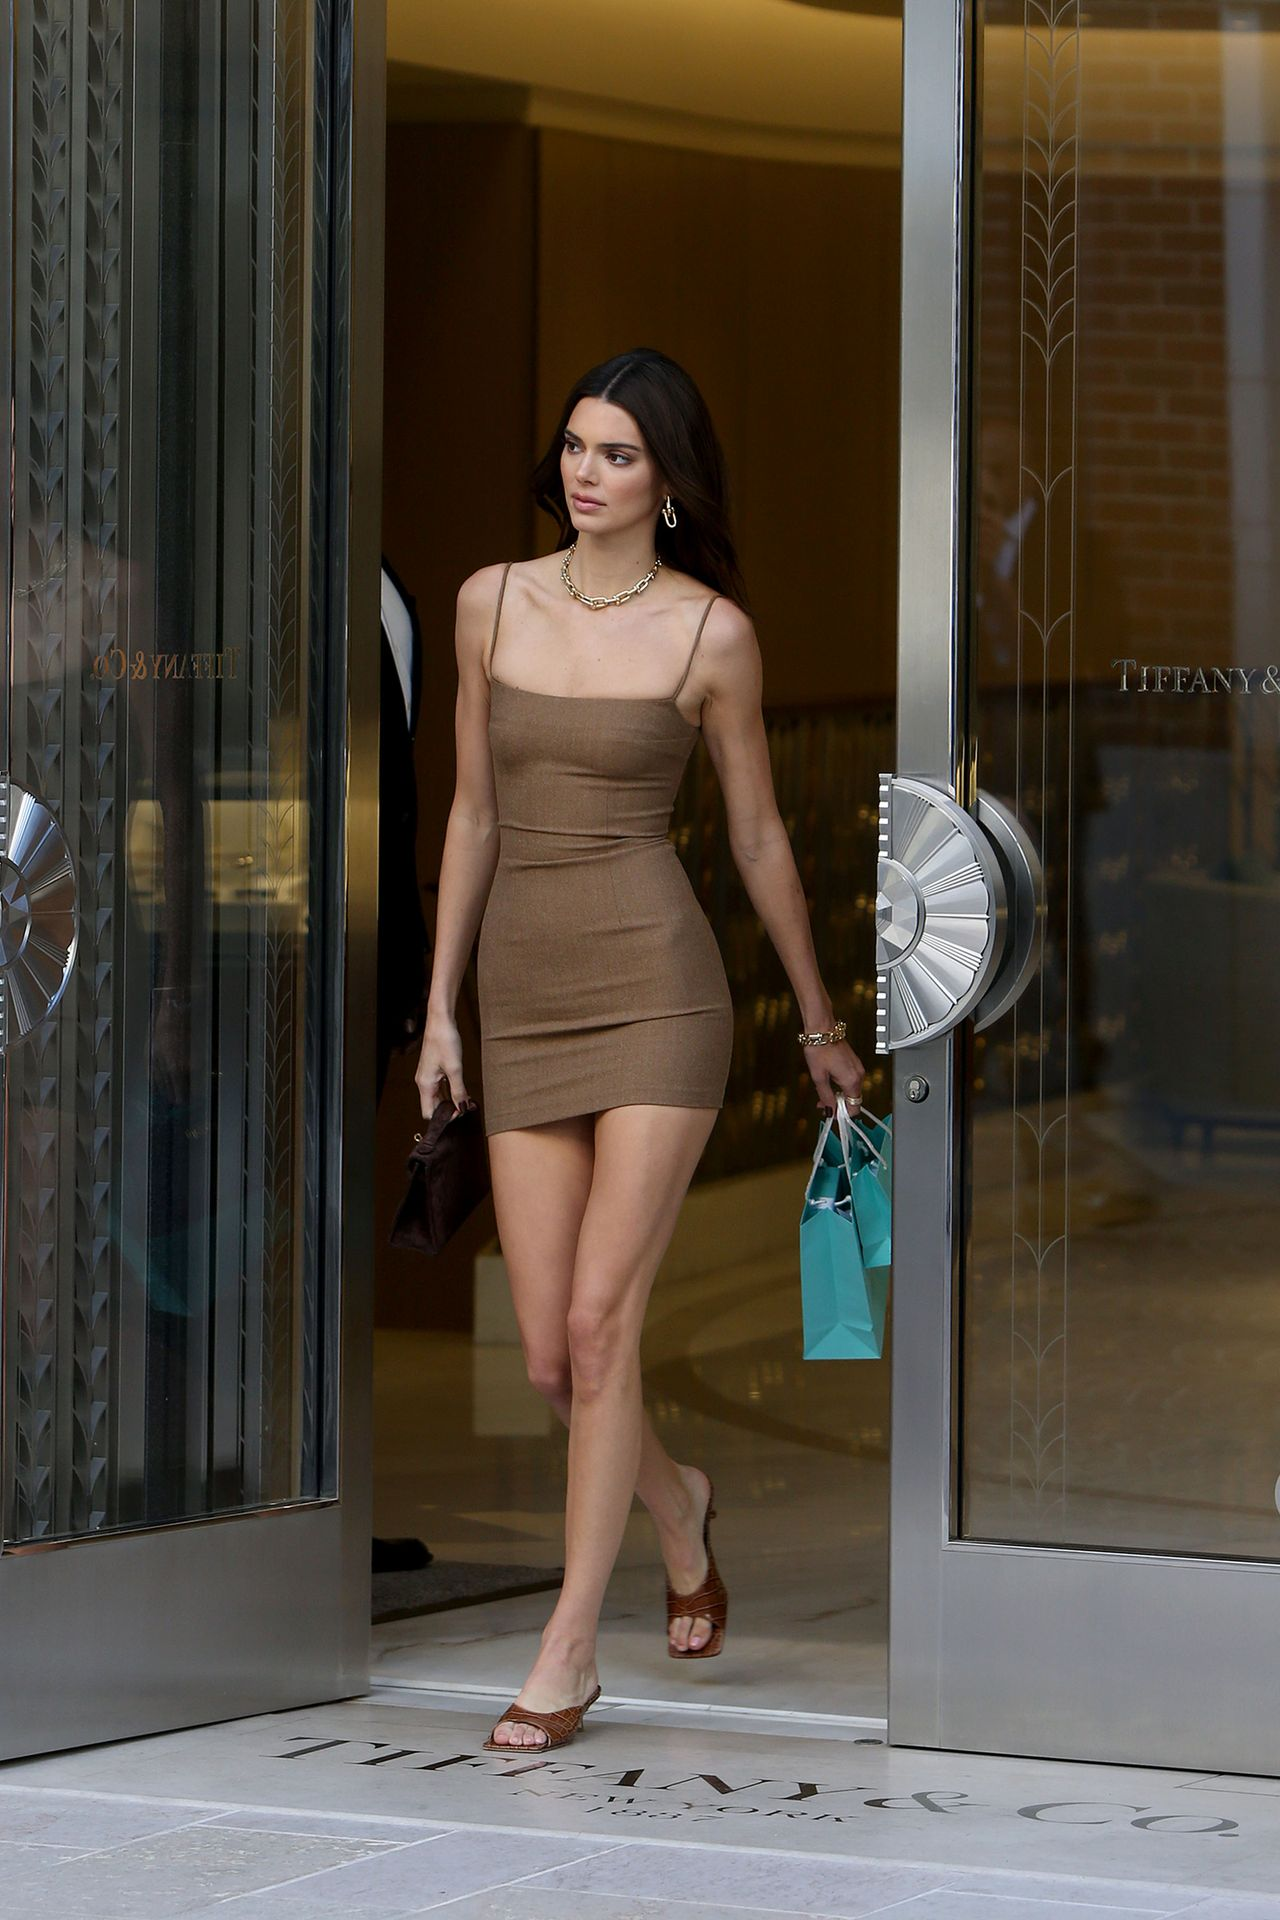 Güzel model Kendall Jenner pırlantacı da seksi mini elbisesiyle dikkat çekti. At üstünde çıplak pozlar veren ünlü modelin uslanmaya niyeti yok. Transparan sexy giyimiyle podyumda nefes kesti. HD fotolar için tıklayın.